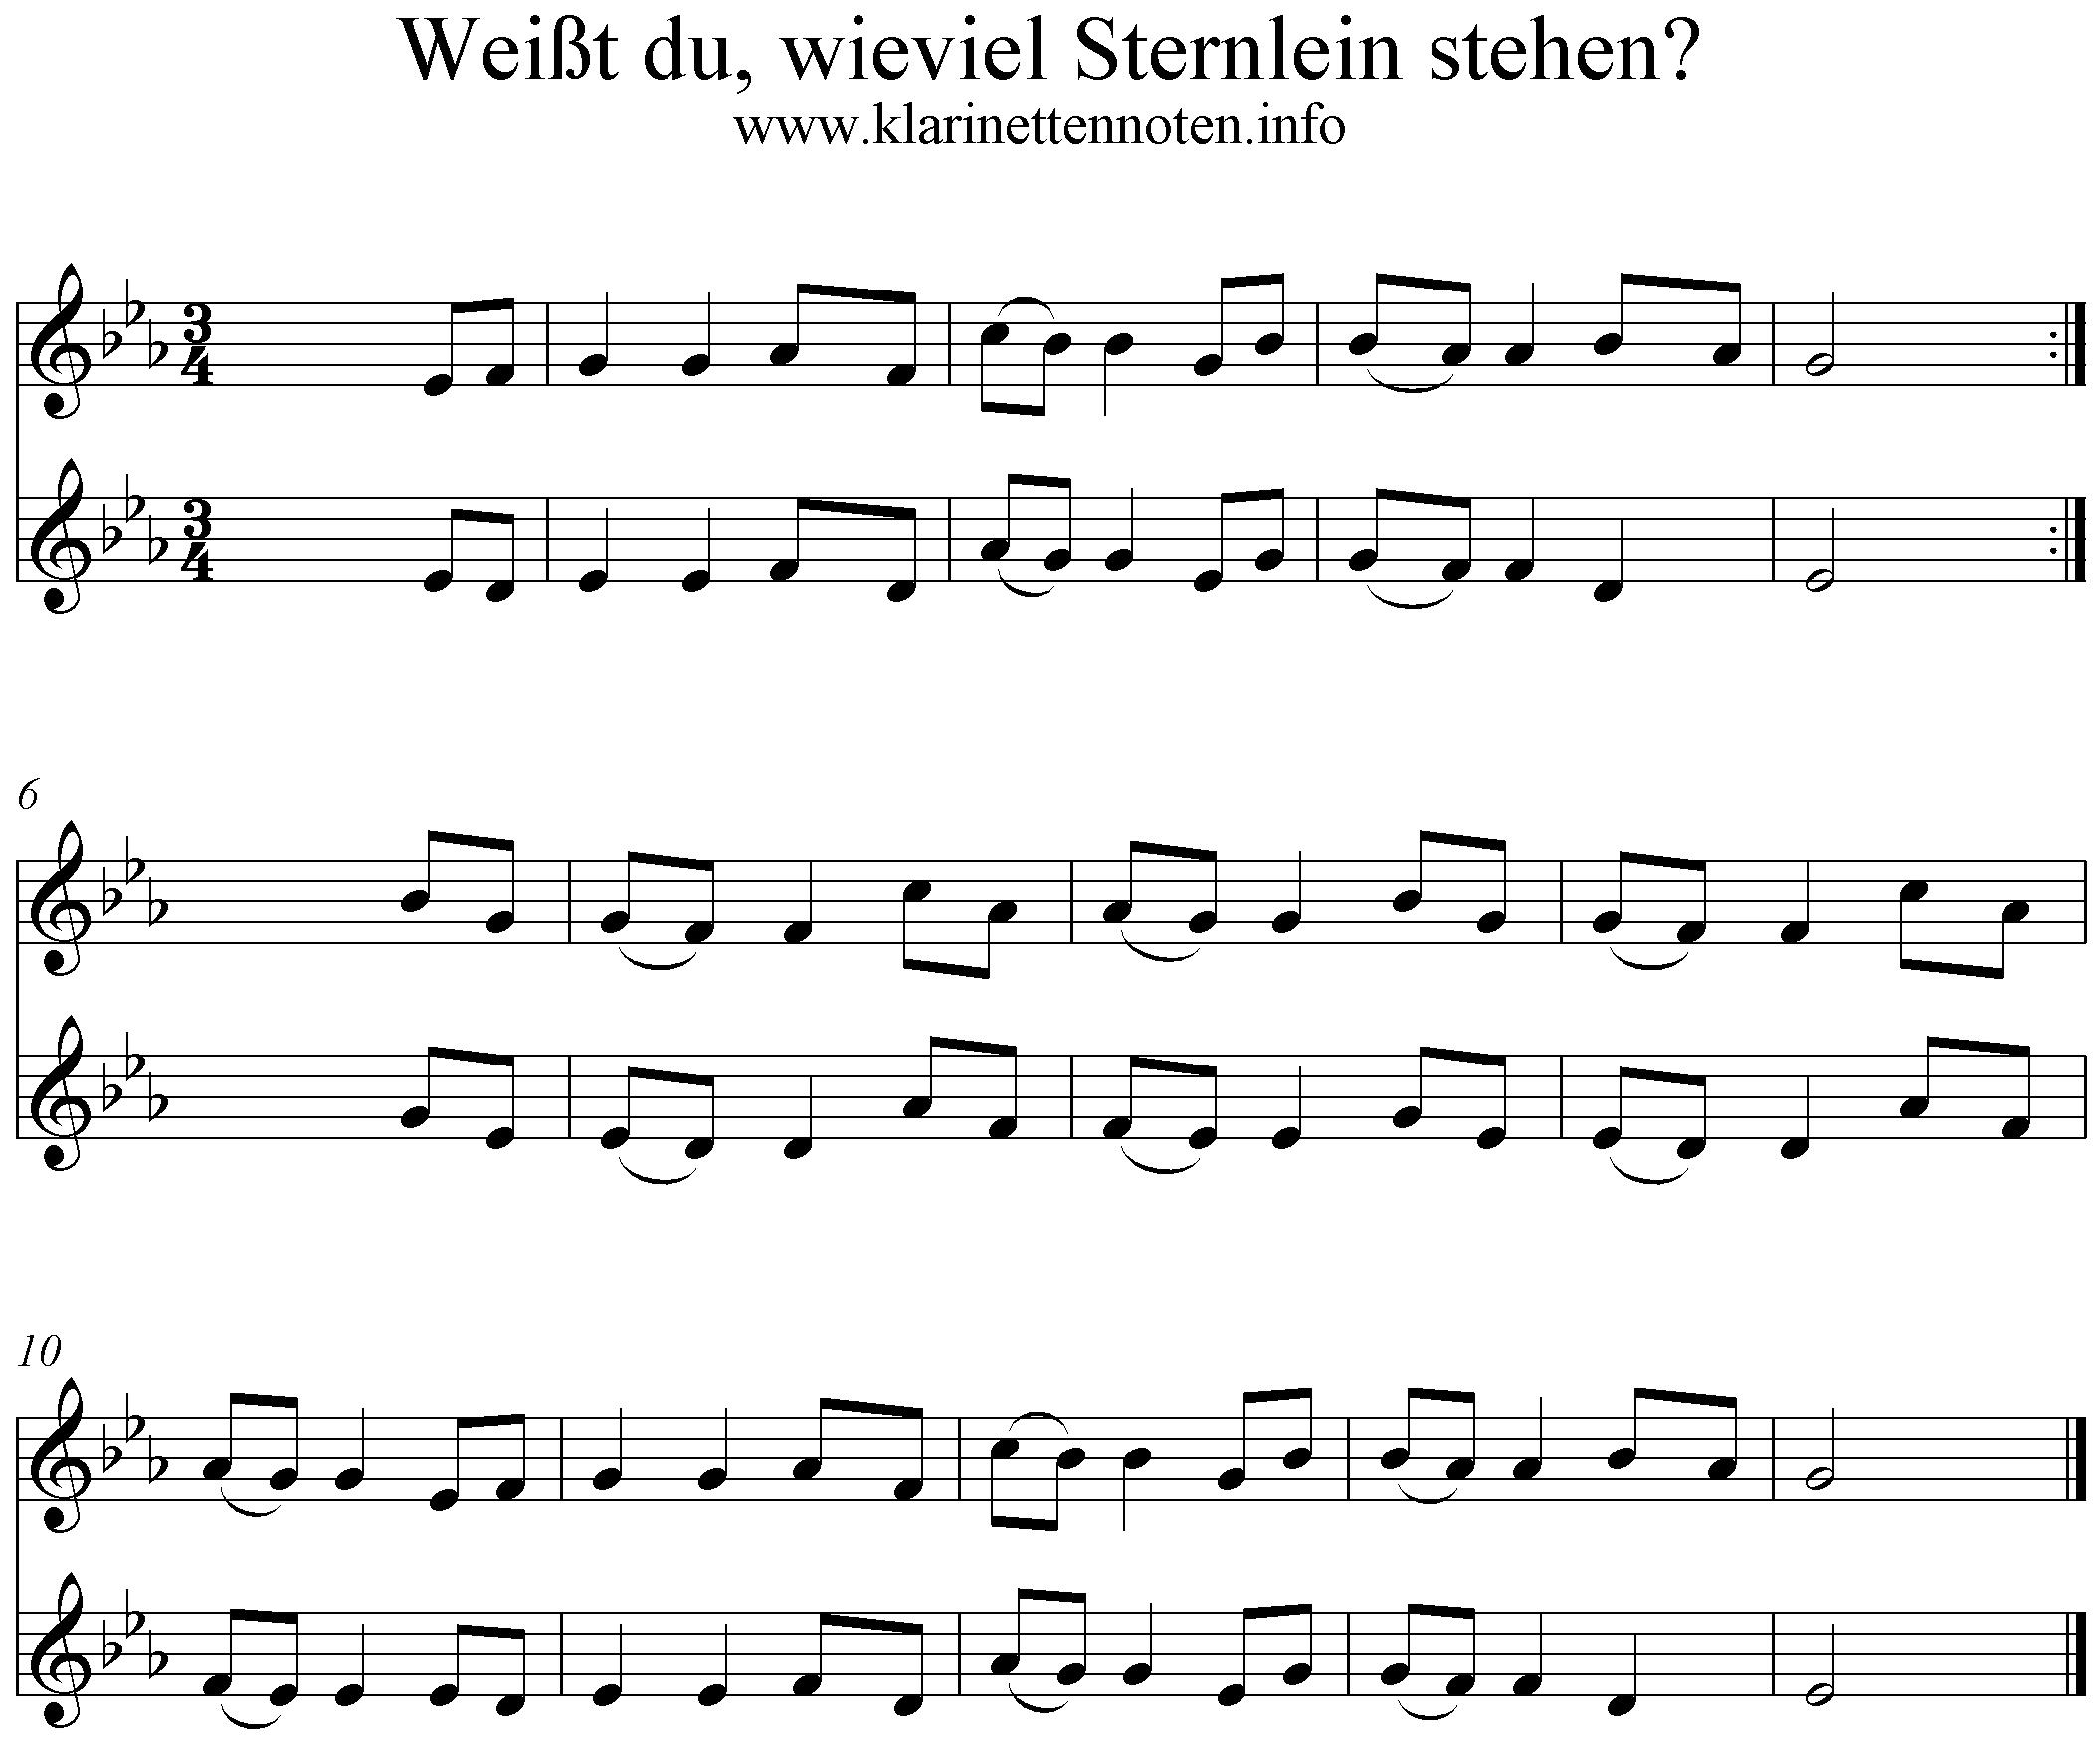 Weisst Du Wieviel Sternlein - Eb für Liedtext Weißt Du Wieviel Sternlein Stehen